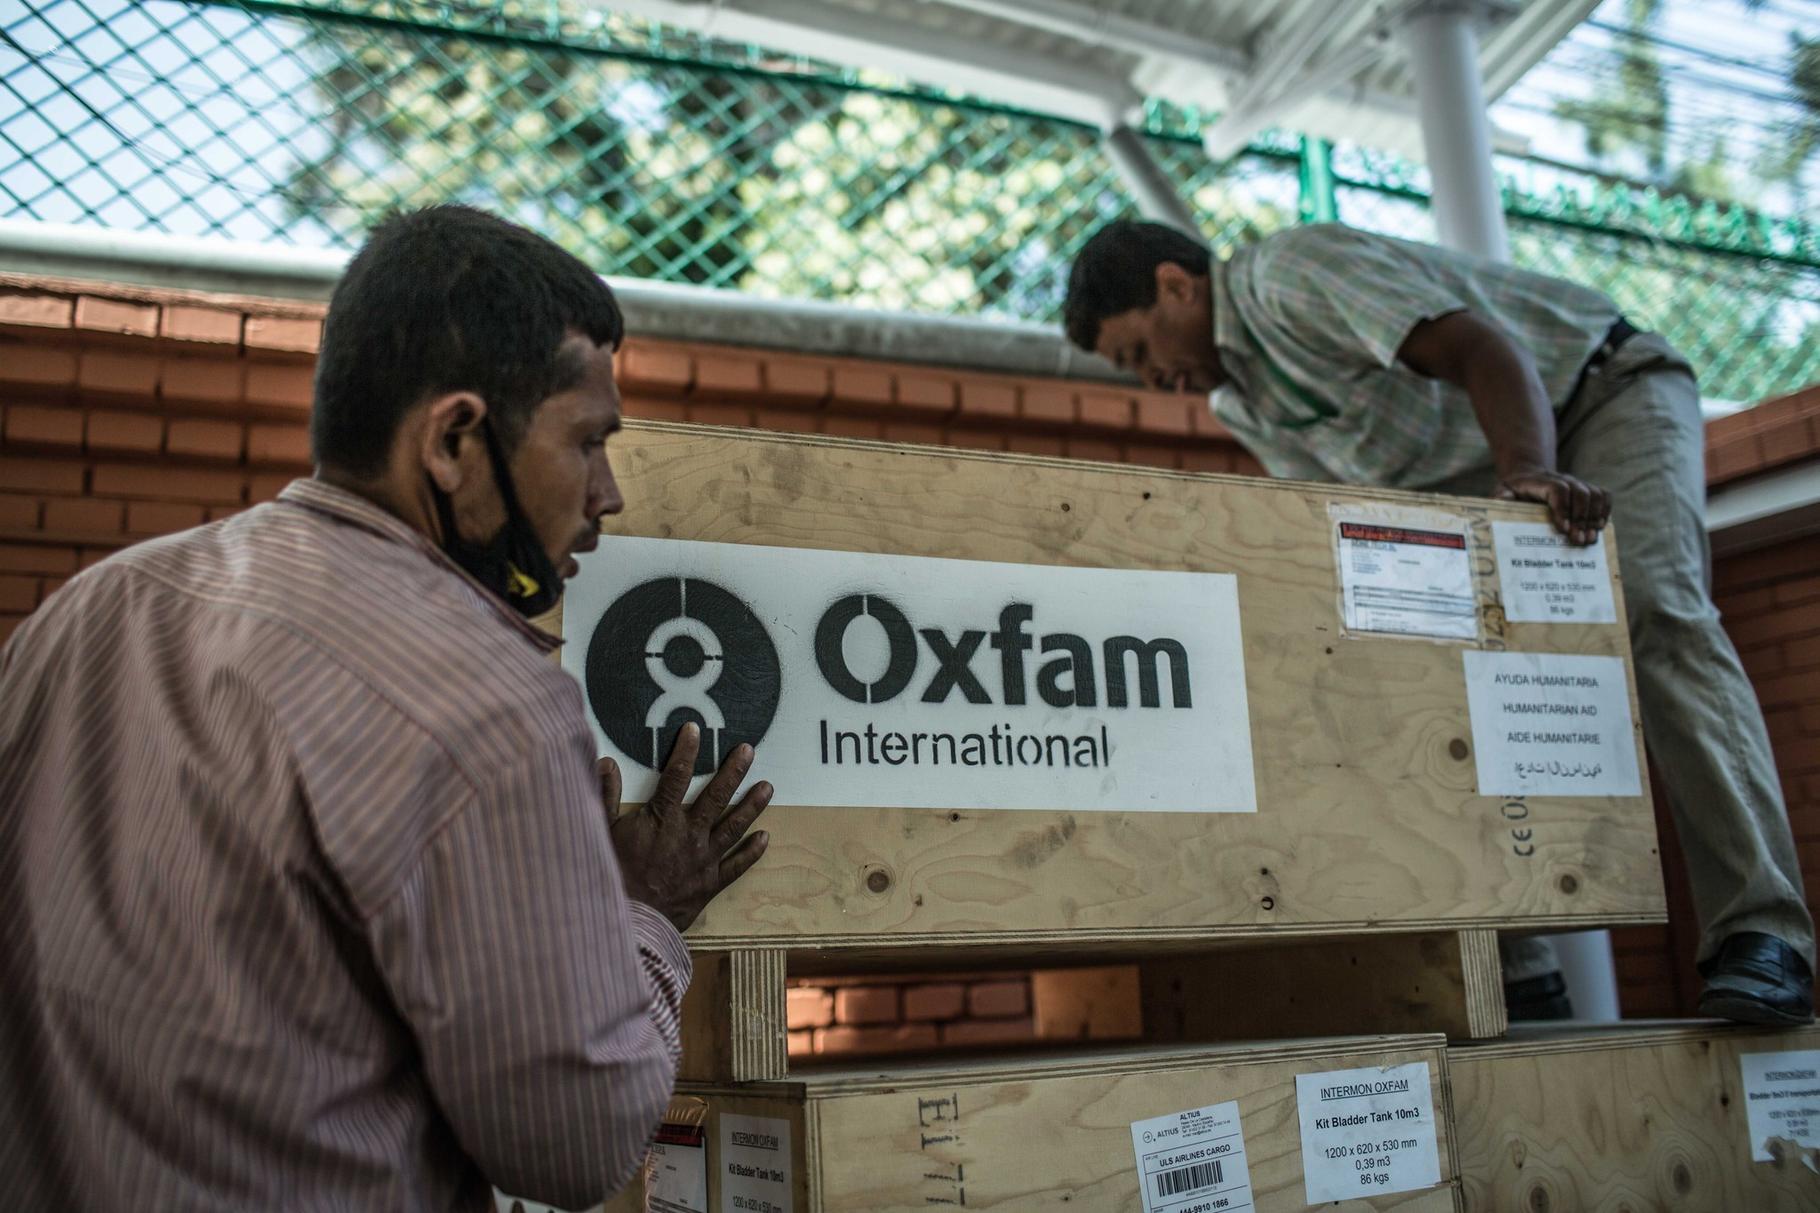 Oxfam-Mitarbeiter laden Latrinen auf einen LKW